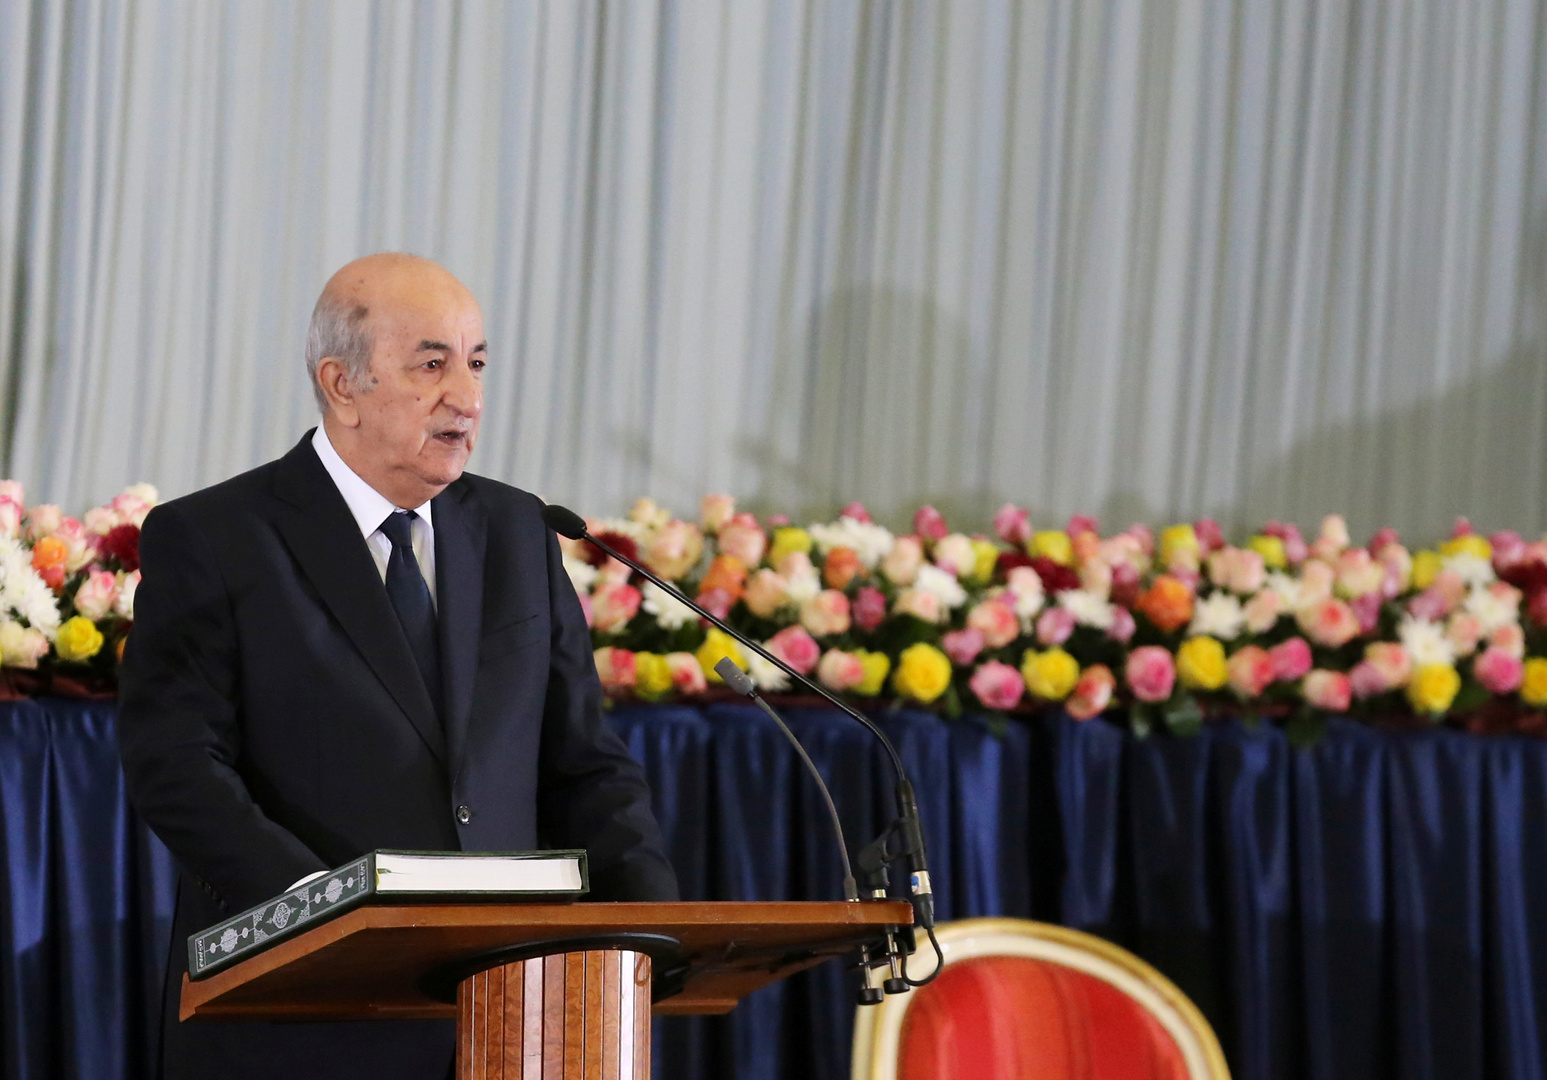 تبون يعين عبد المجيد شيخي للإشراف على ملف الذاكرة بين الجزائر وفرنسا